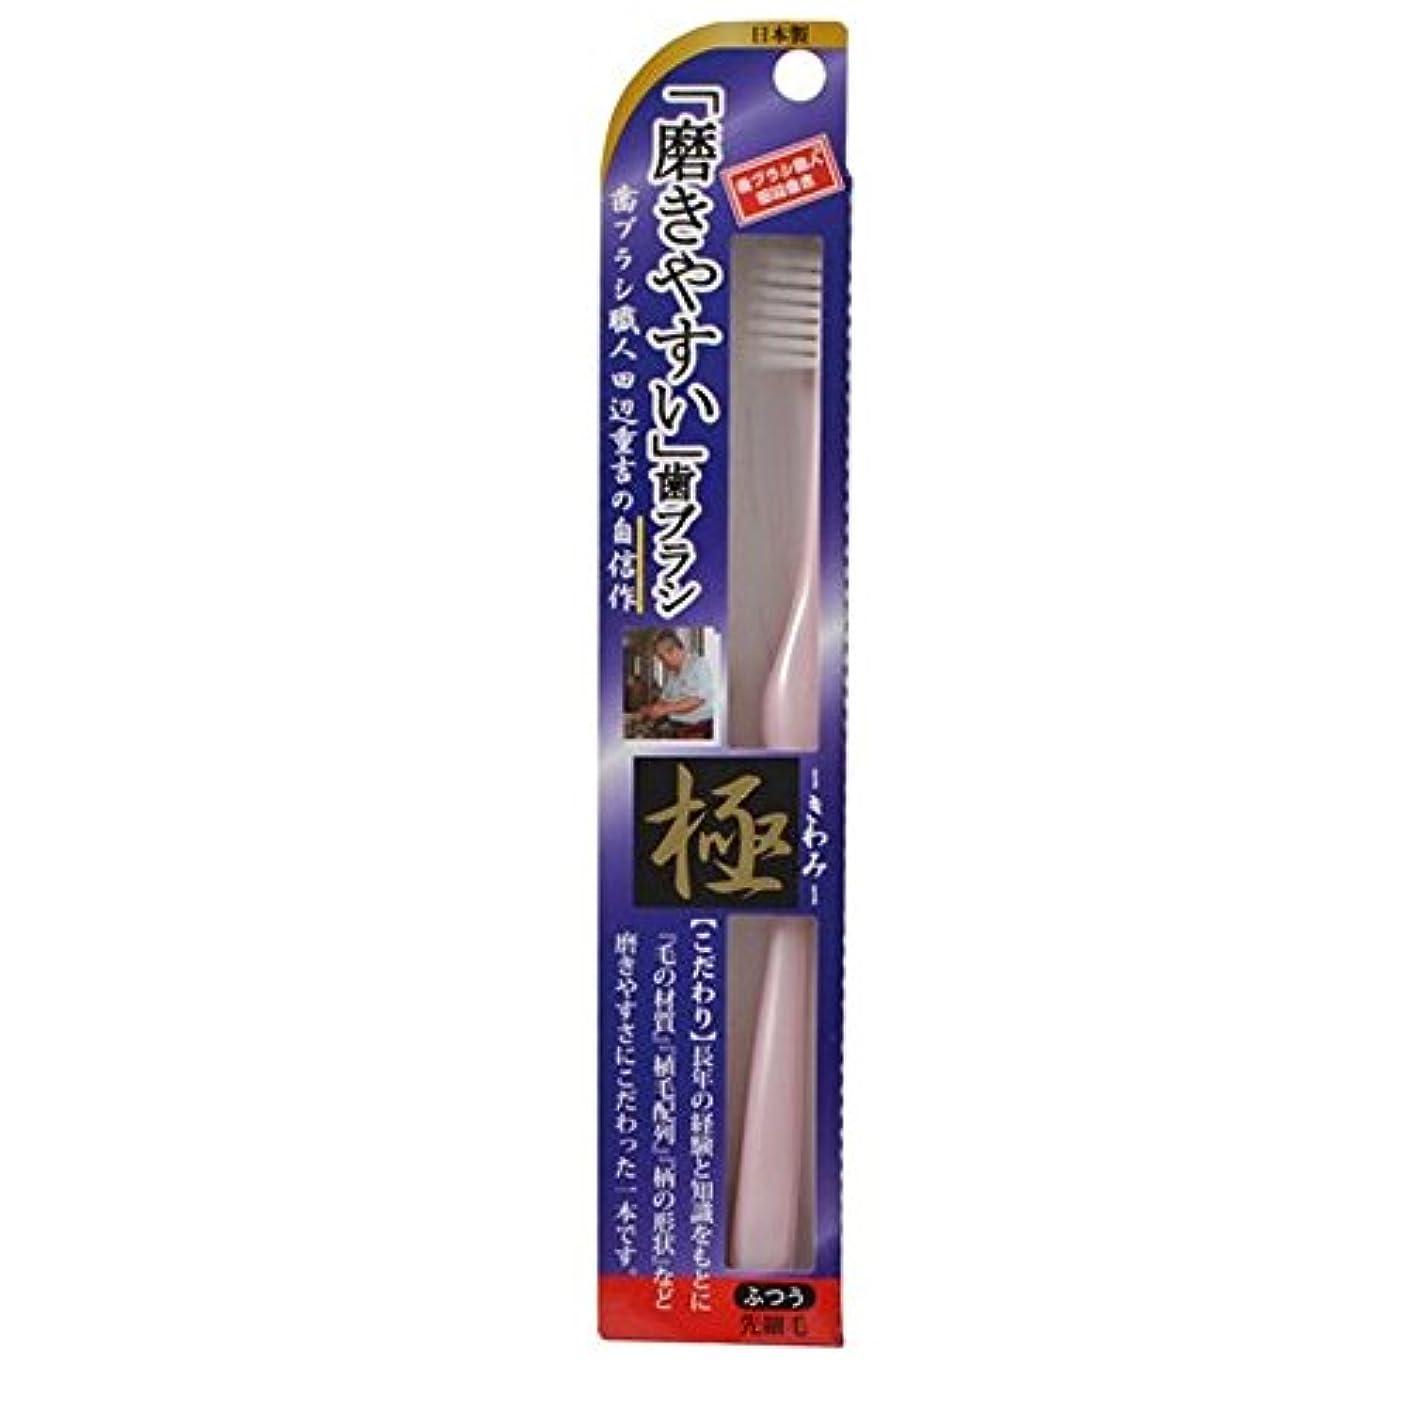 ゴネリルリンク化学磨きやすい歯ブラシ極 LT-22